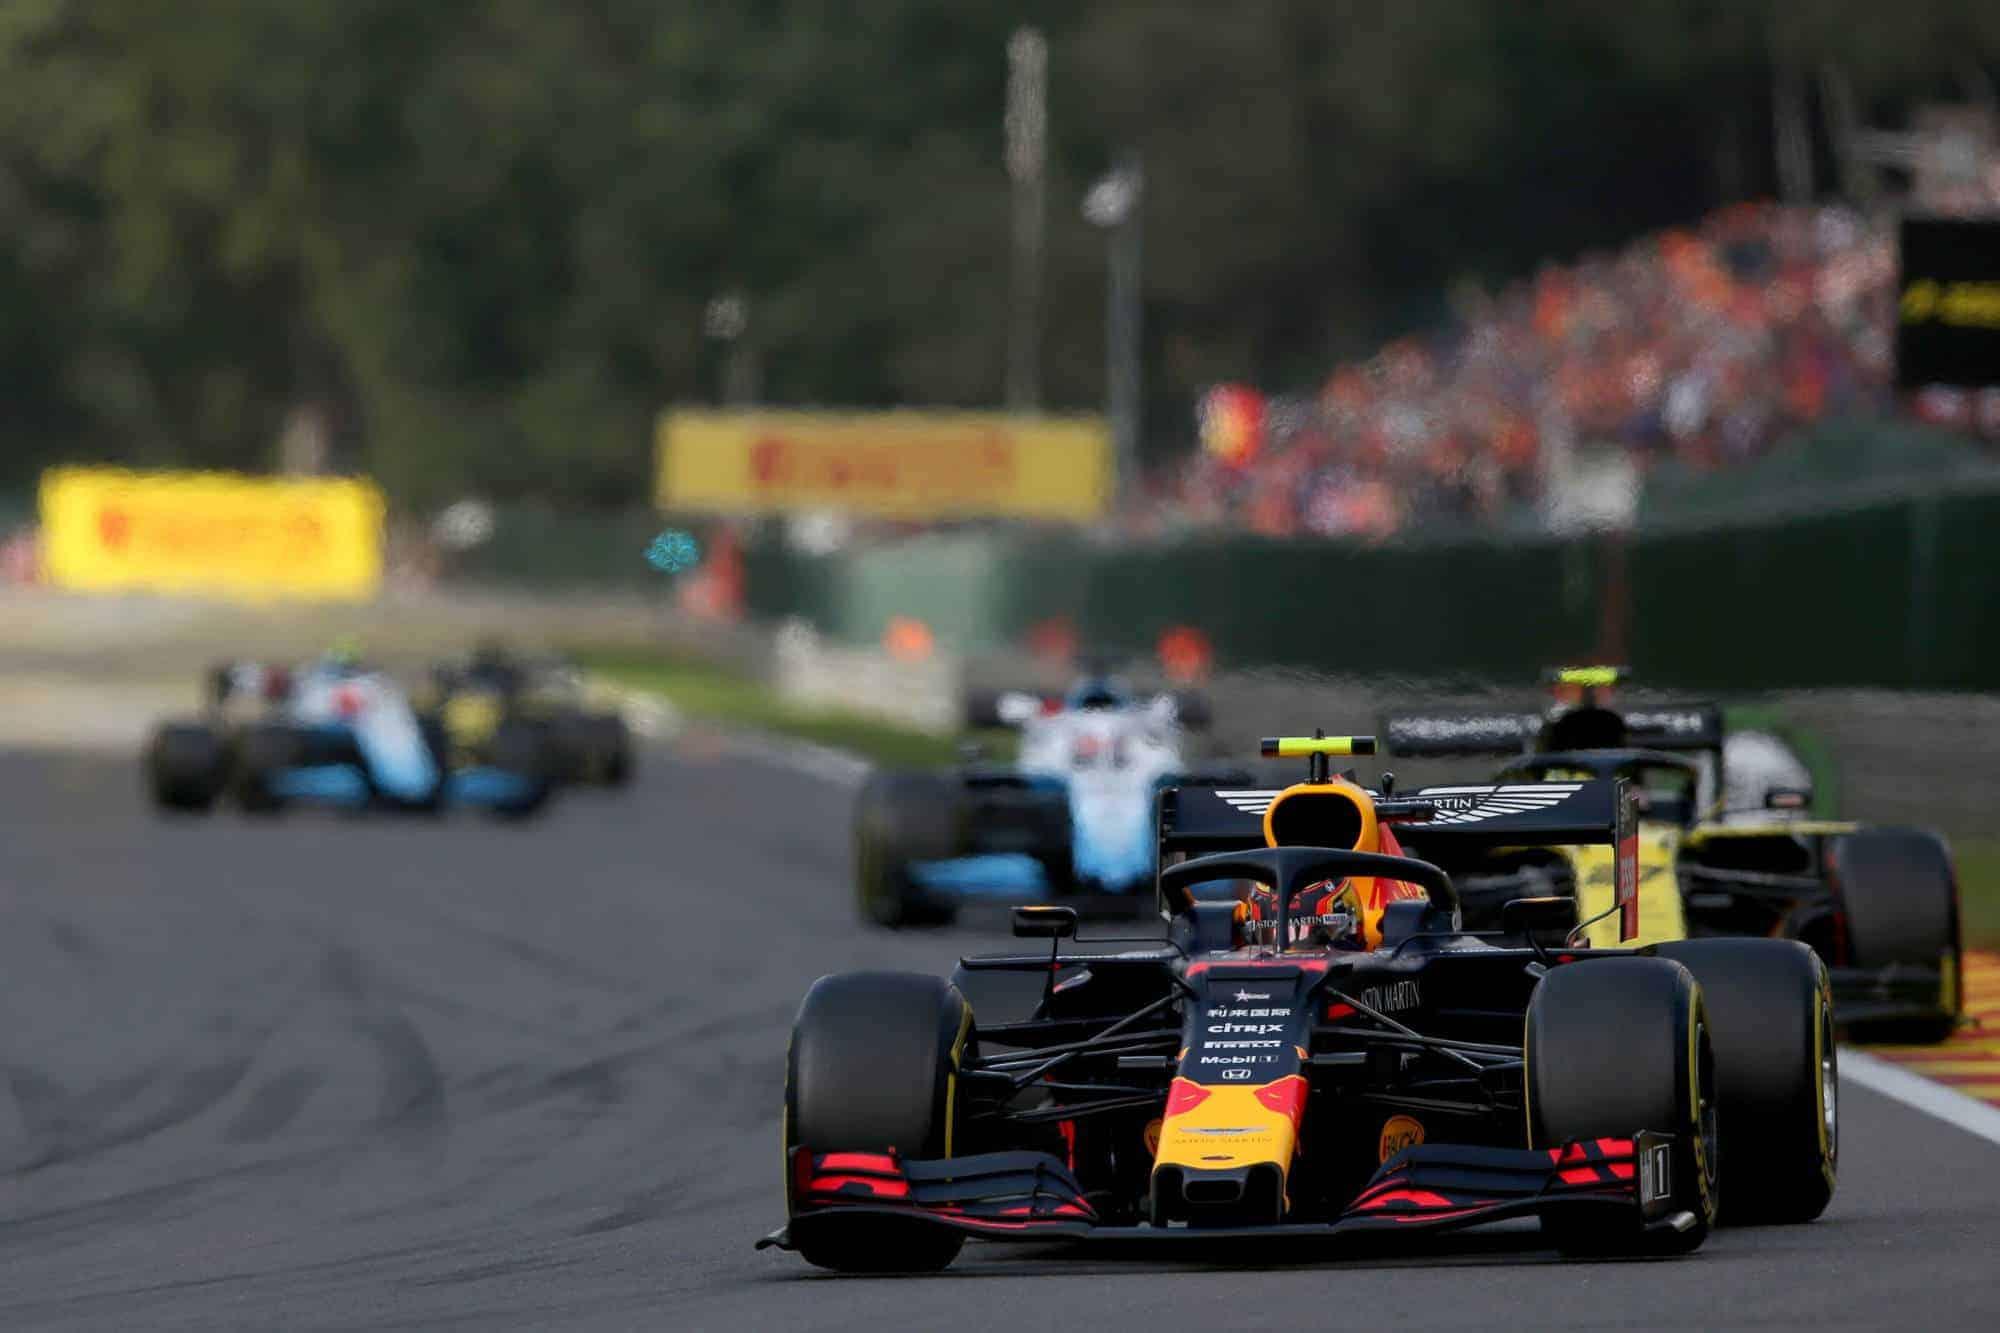 Alexander Albon Red Bull RB15 Belgian GP F1 2019 Photo Red Bull